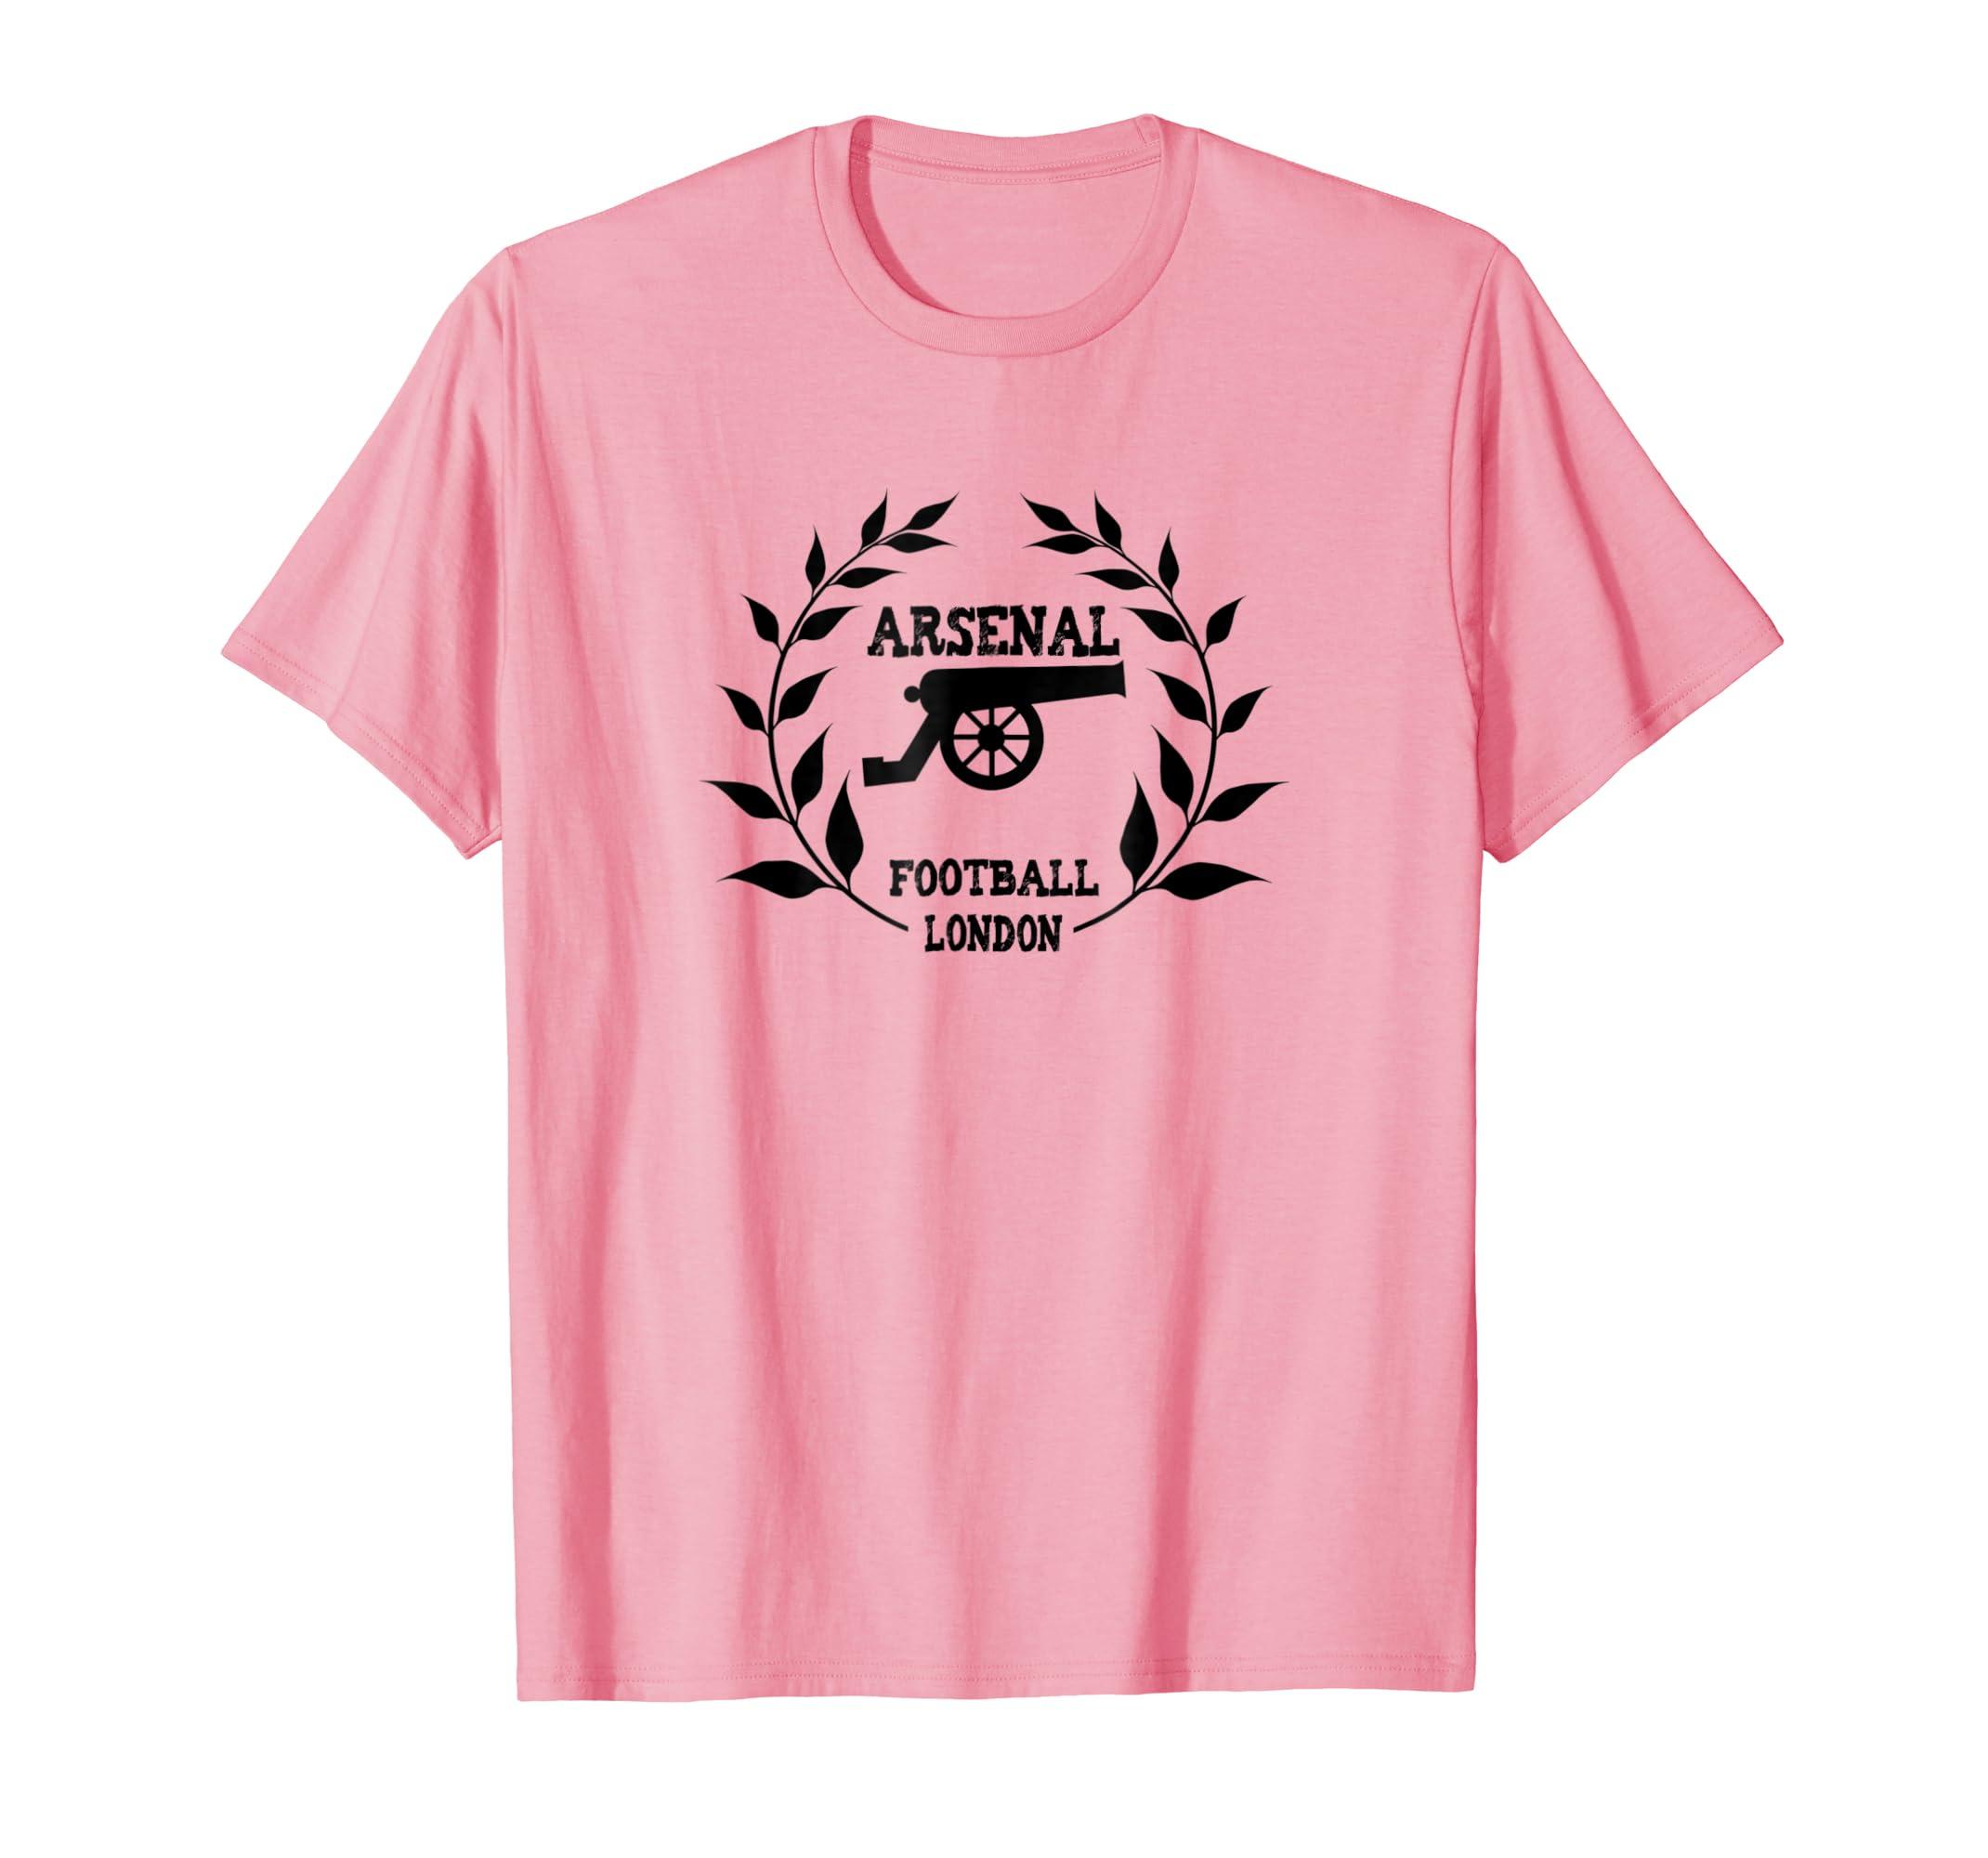 reputable site 9d7b4 e4098 Arsenal Soccer Jersey T-shirt London Cannon Black UK ...